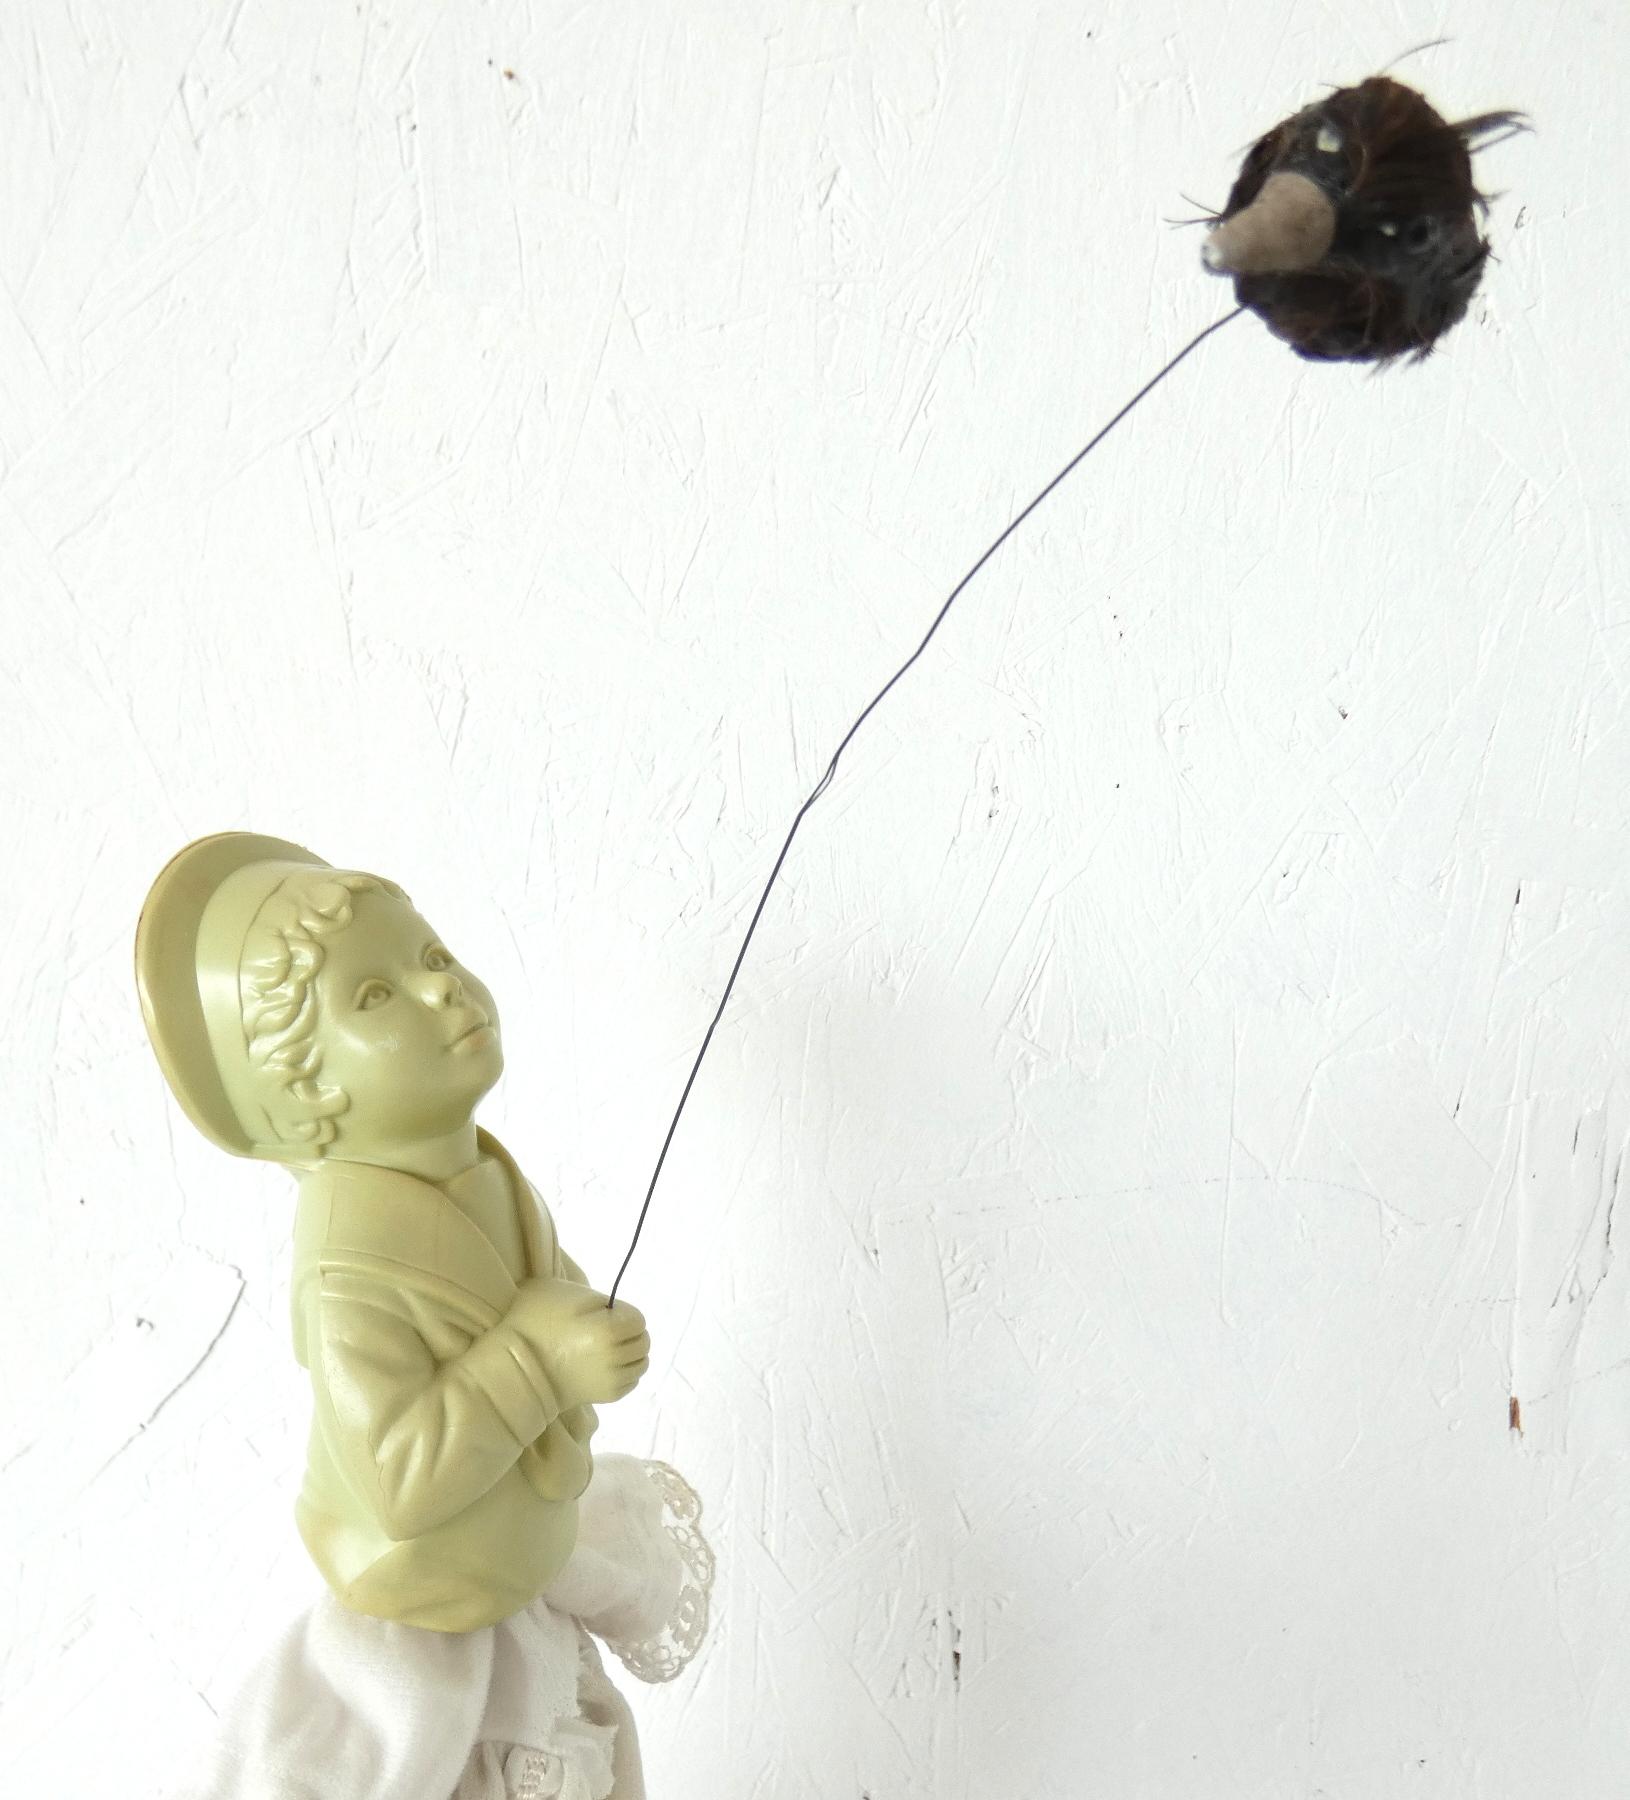 Armoedig geloof kunstbeeld, ruimtelijk werk, textielkunst, textiel art, artwork, dutchartist, kunstenaar Wietske Lycklama à Nijeholt